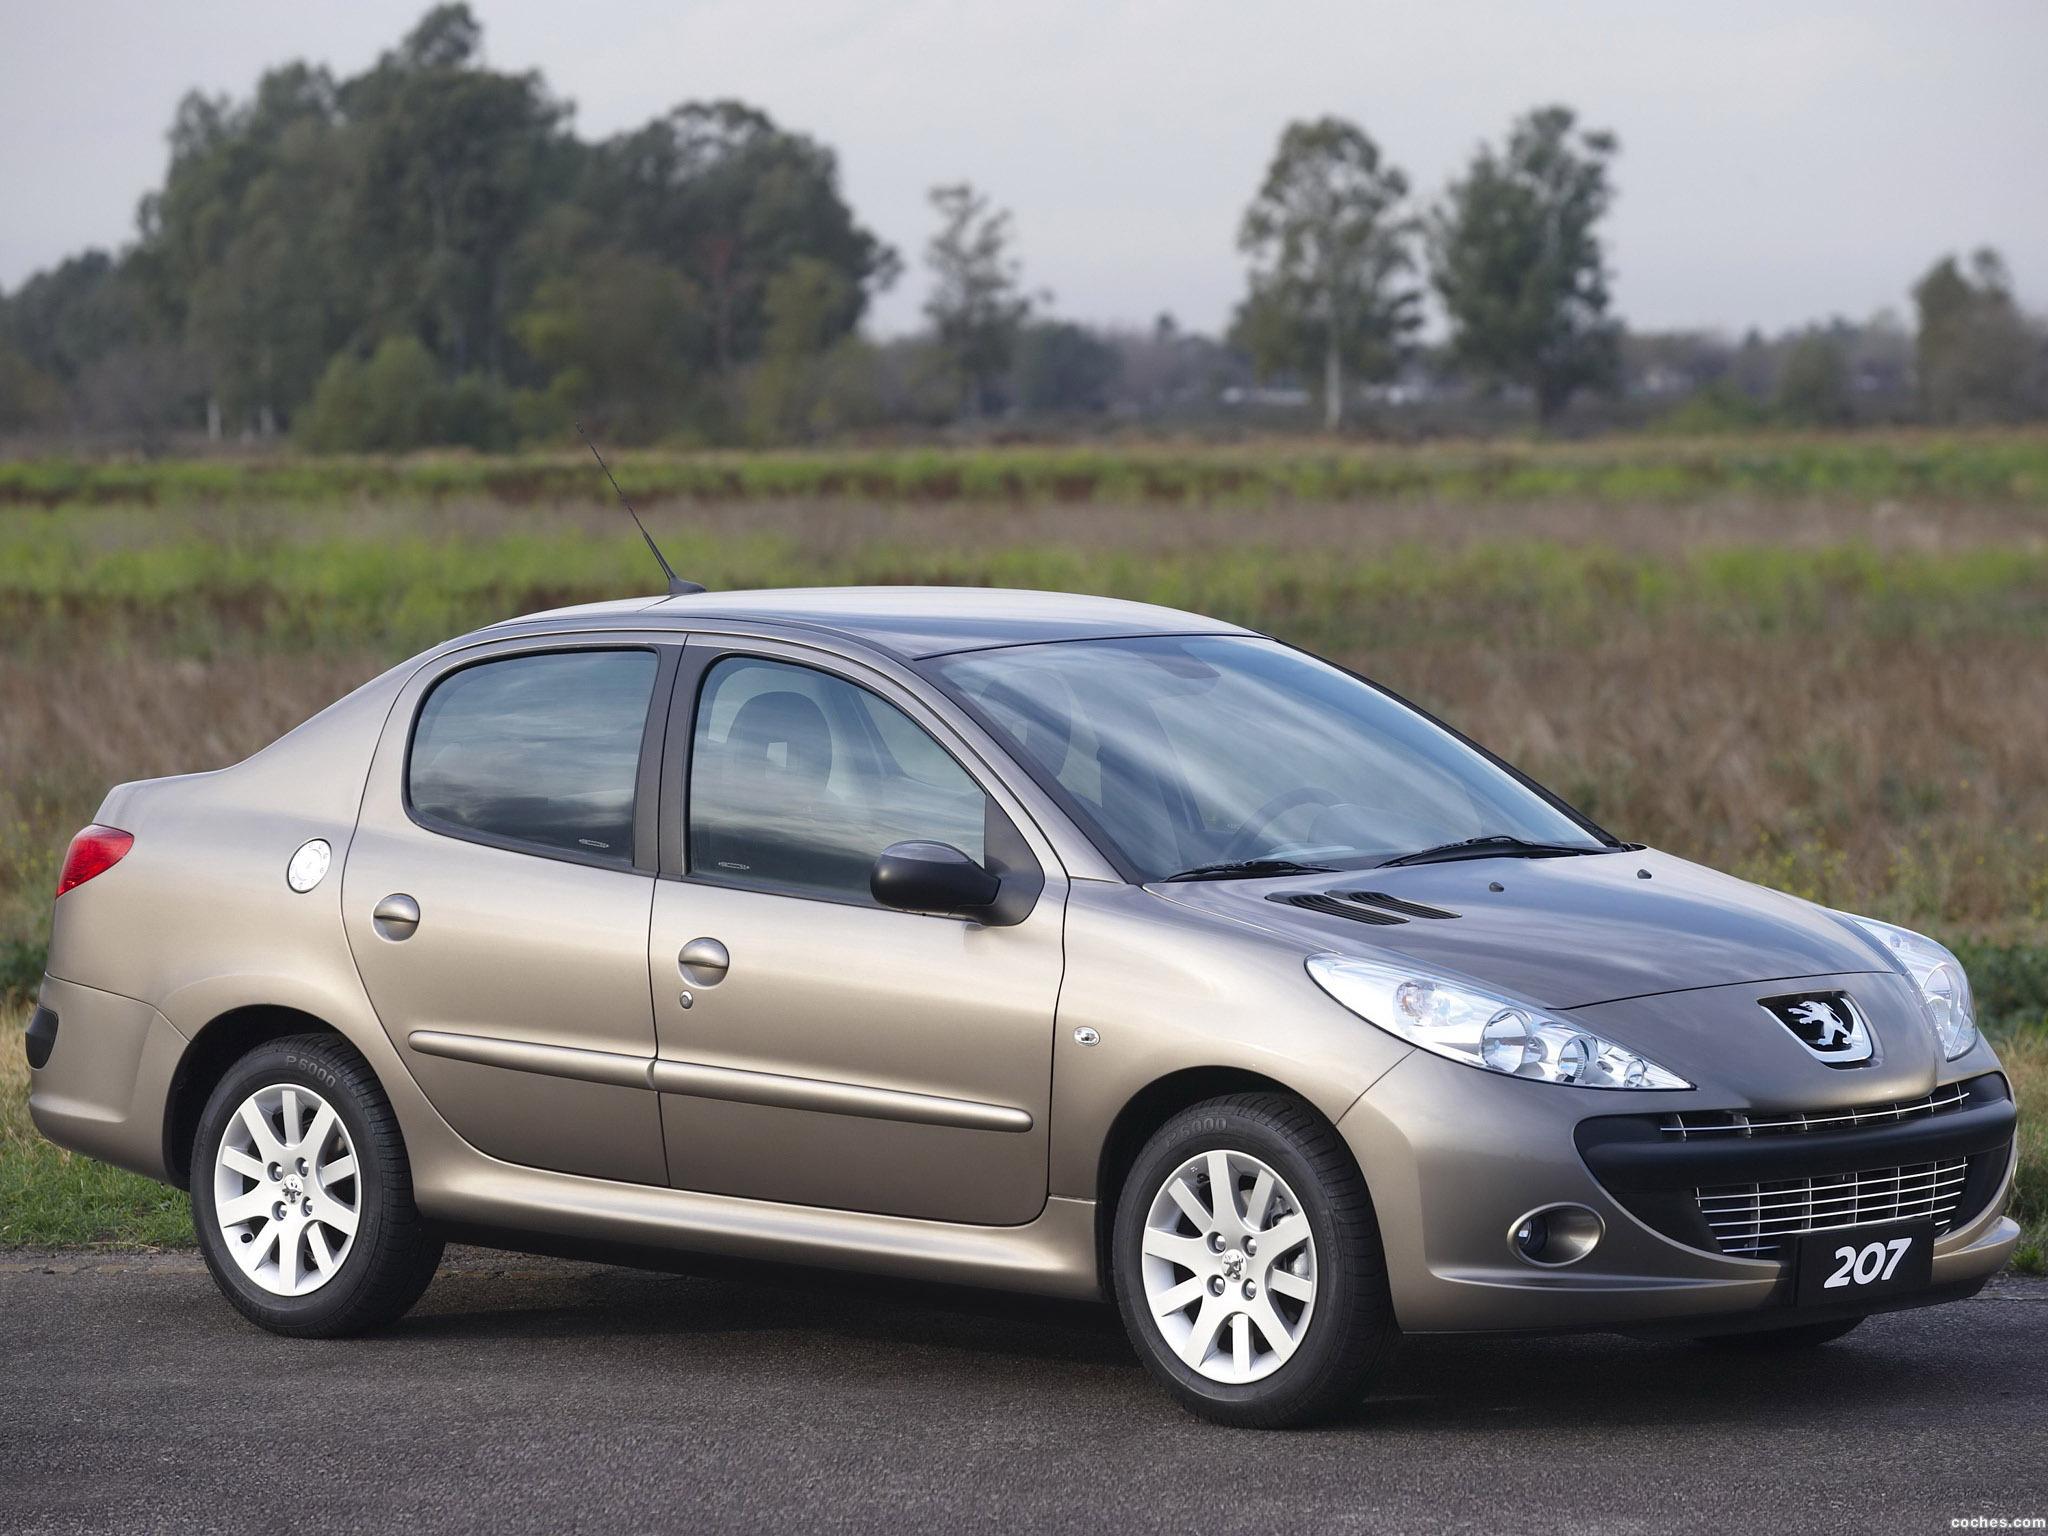 Foto 0 de Peugeot 207 Passion Brazil 2008